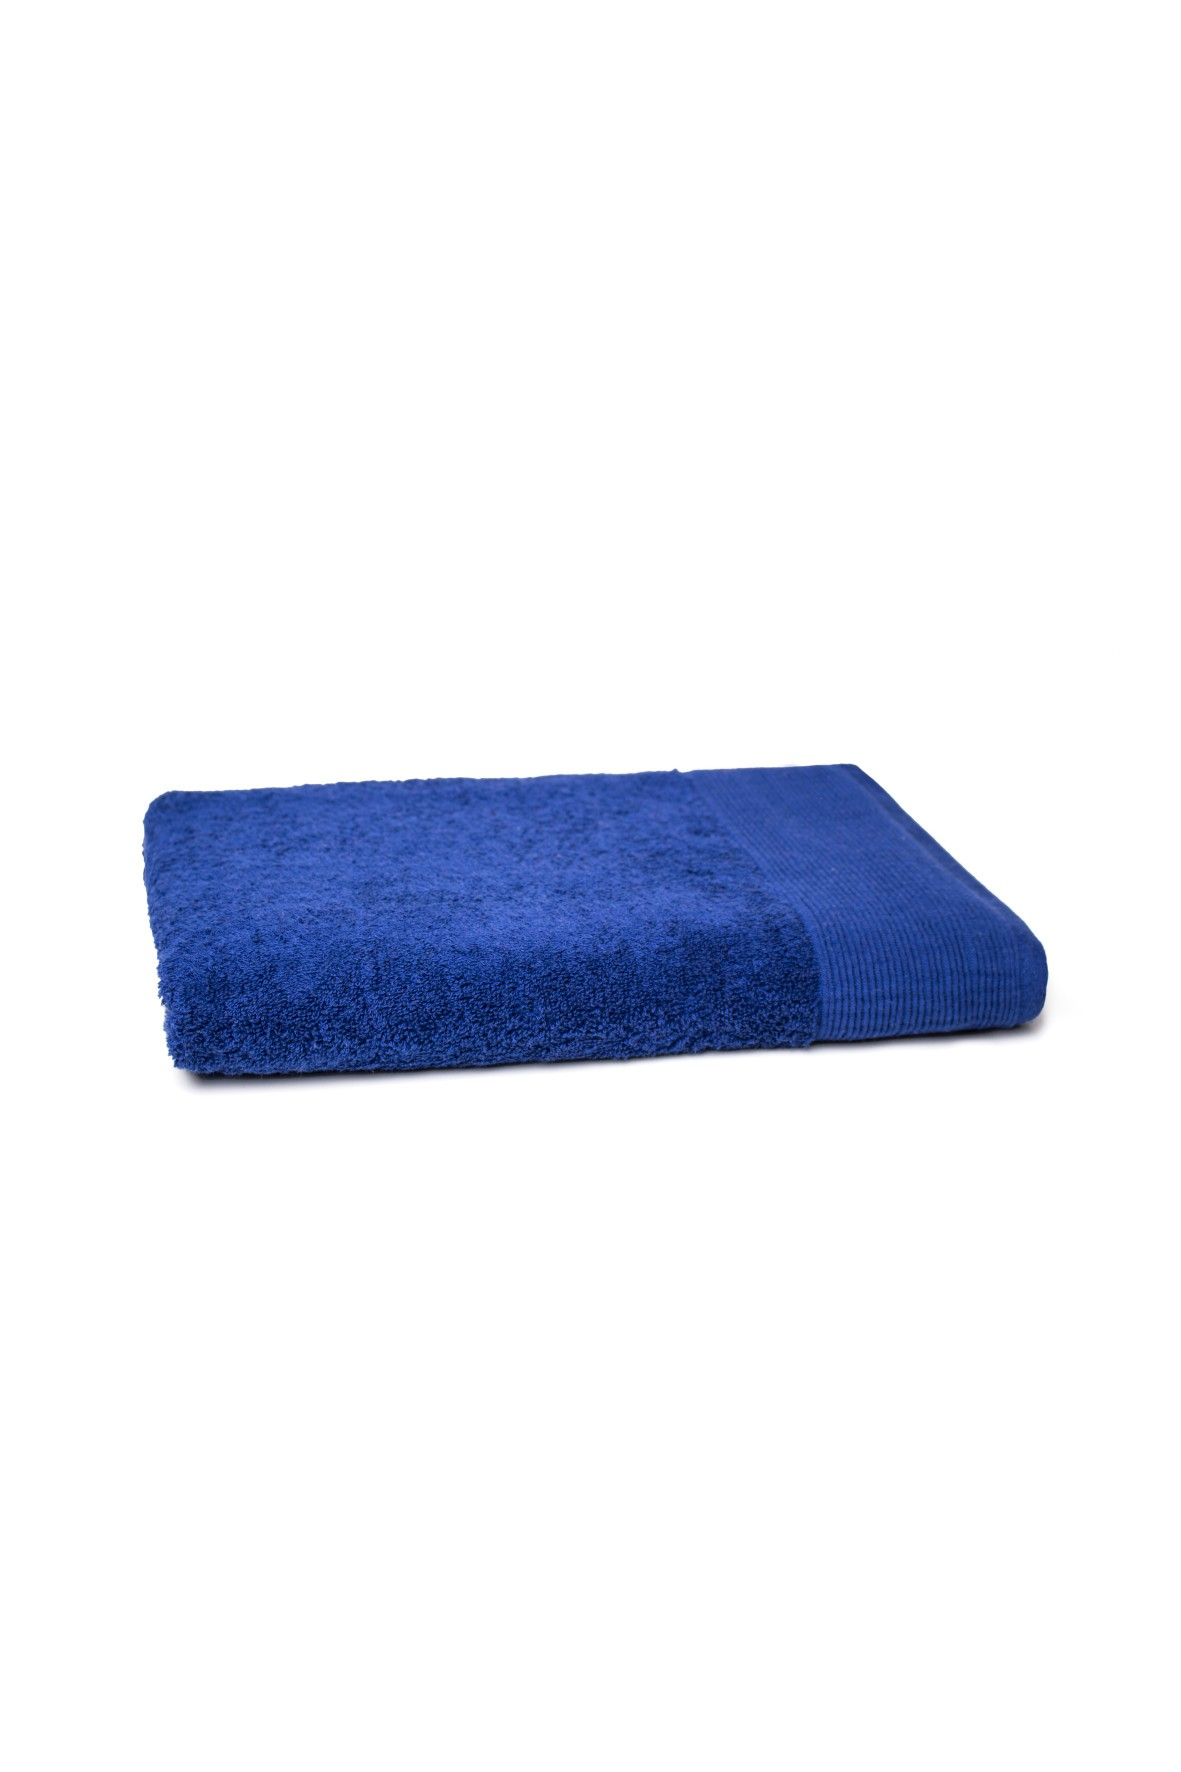 Bawełniany ręcznik w kolorze granatowym o wymiarach 70x140 cm